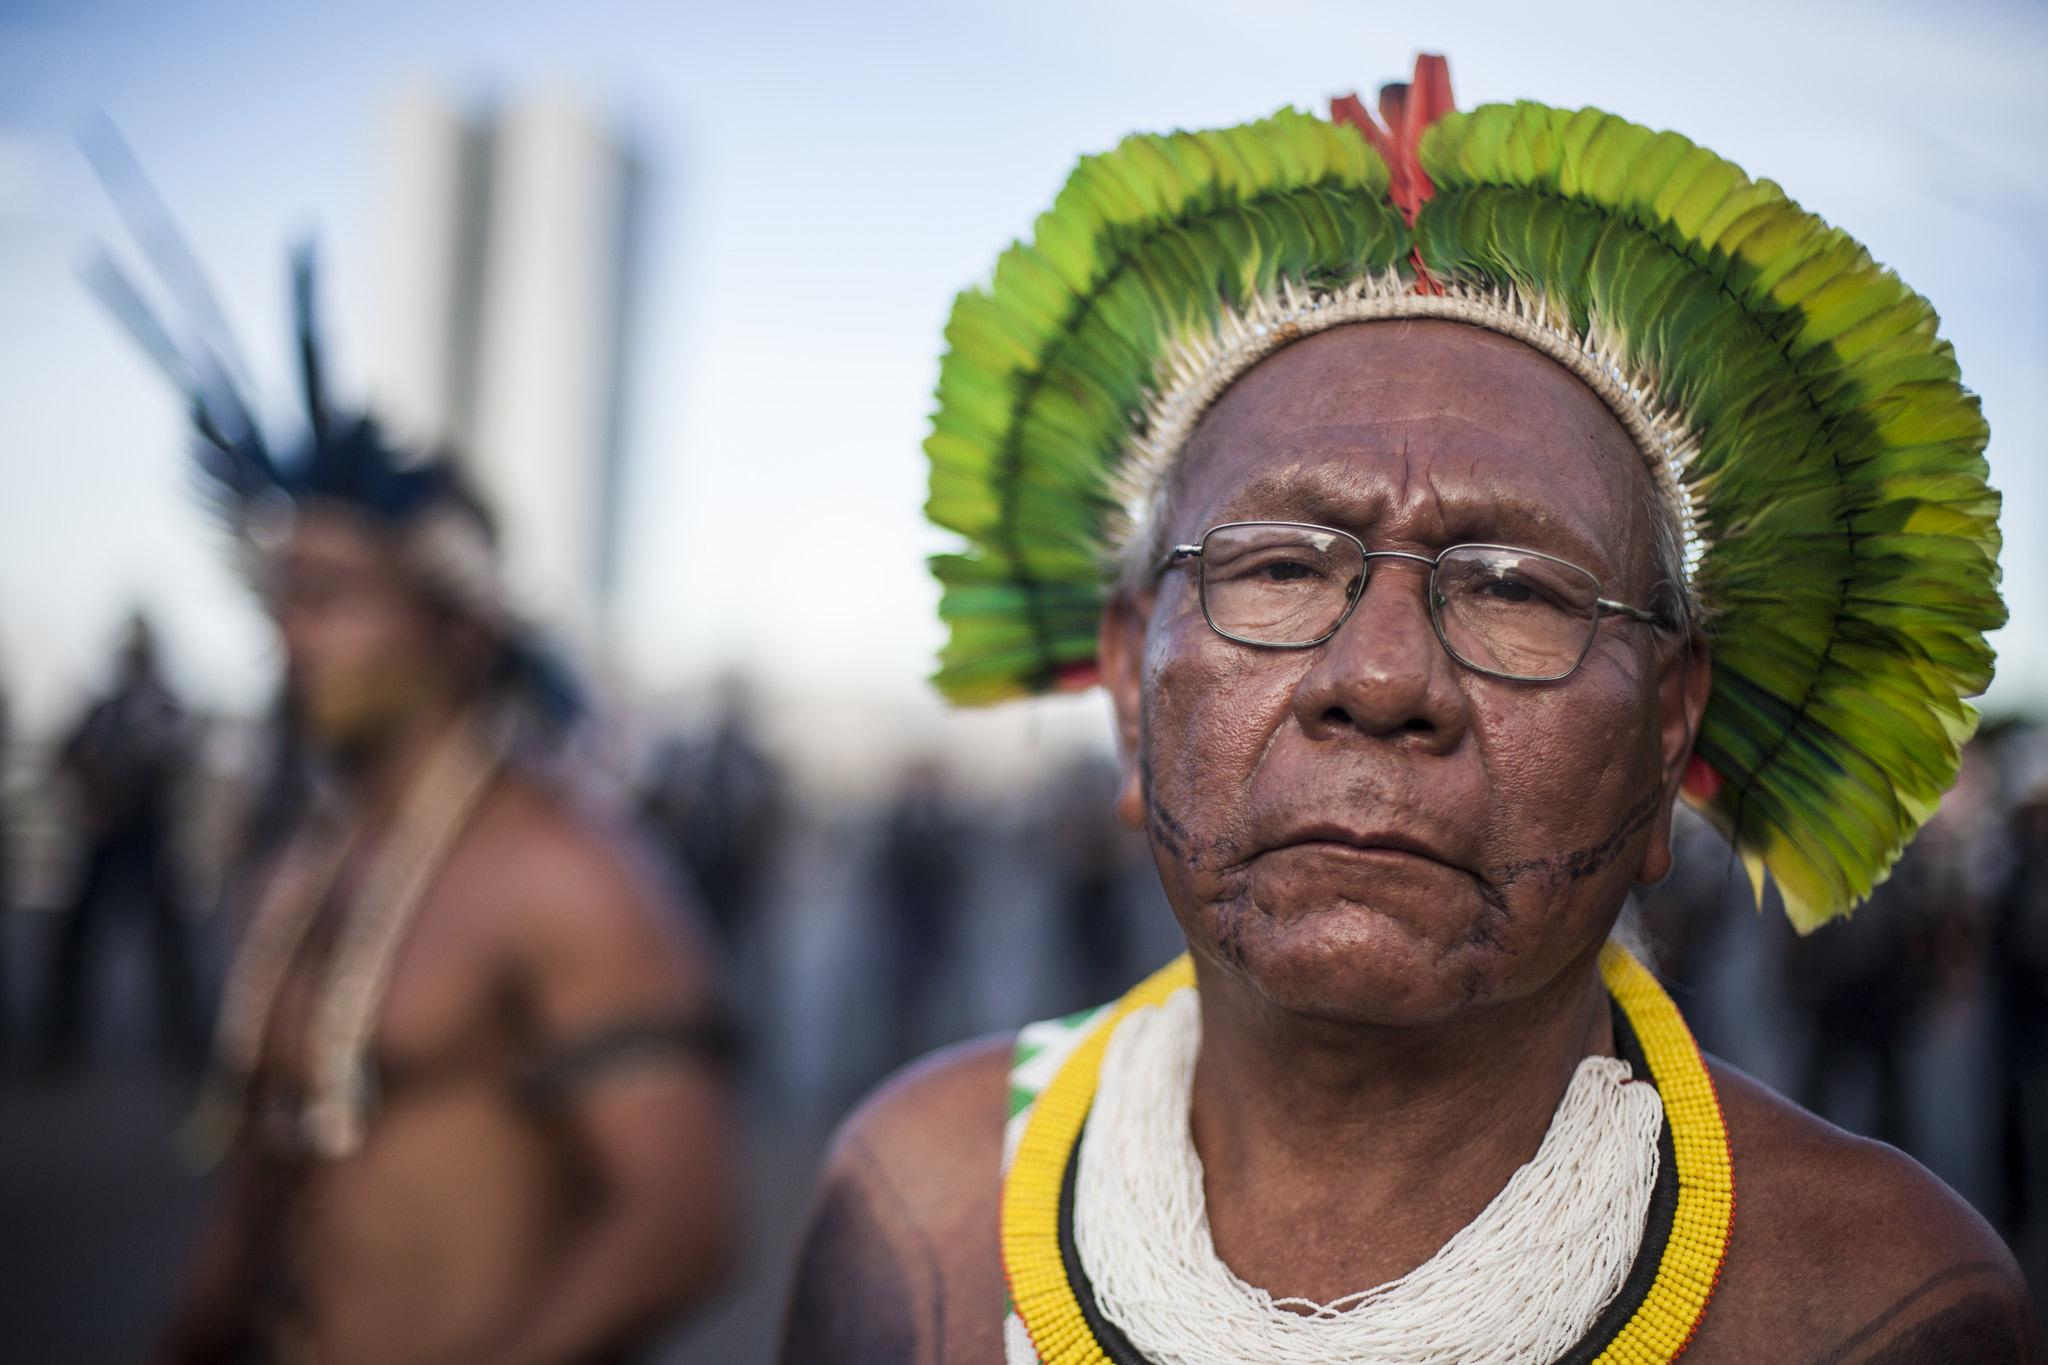 Liderança indígena histórica, Paulinho Paiakan morreu vítima de Covid-19